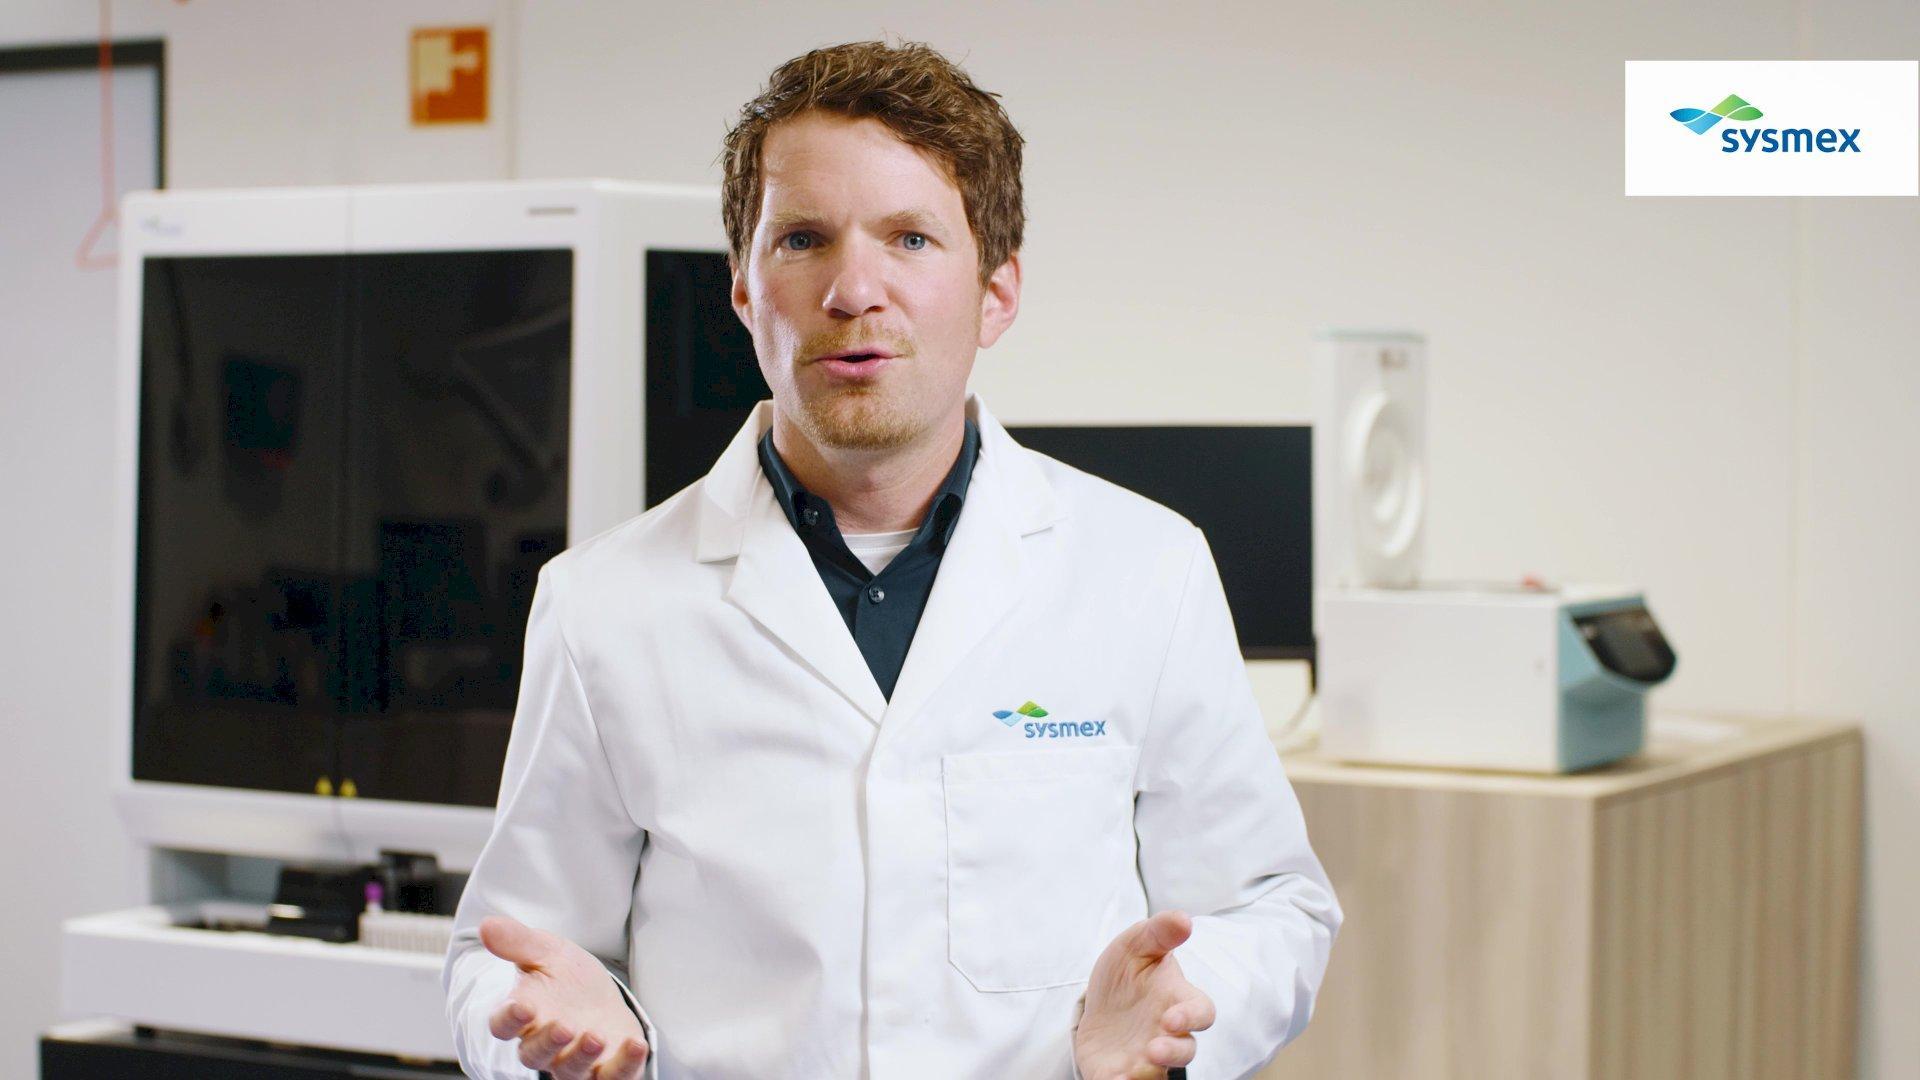 Laurens vertelt over het pipetteerstation voor de flowcytometrie